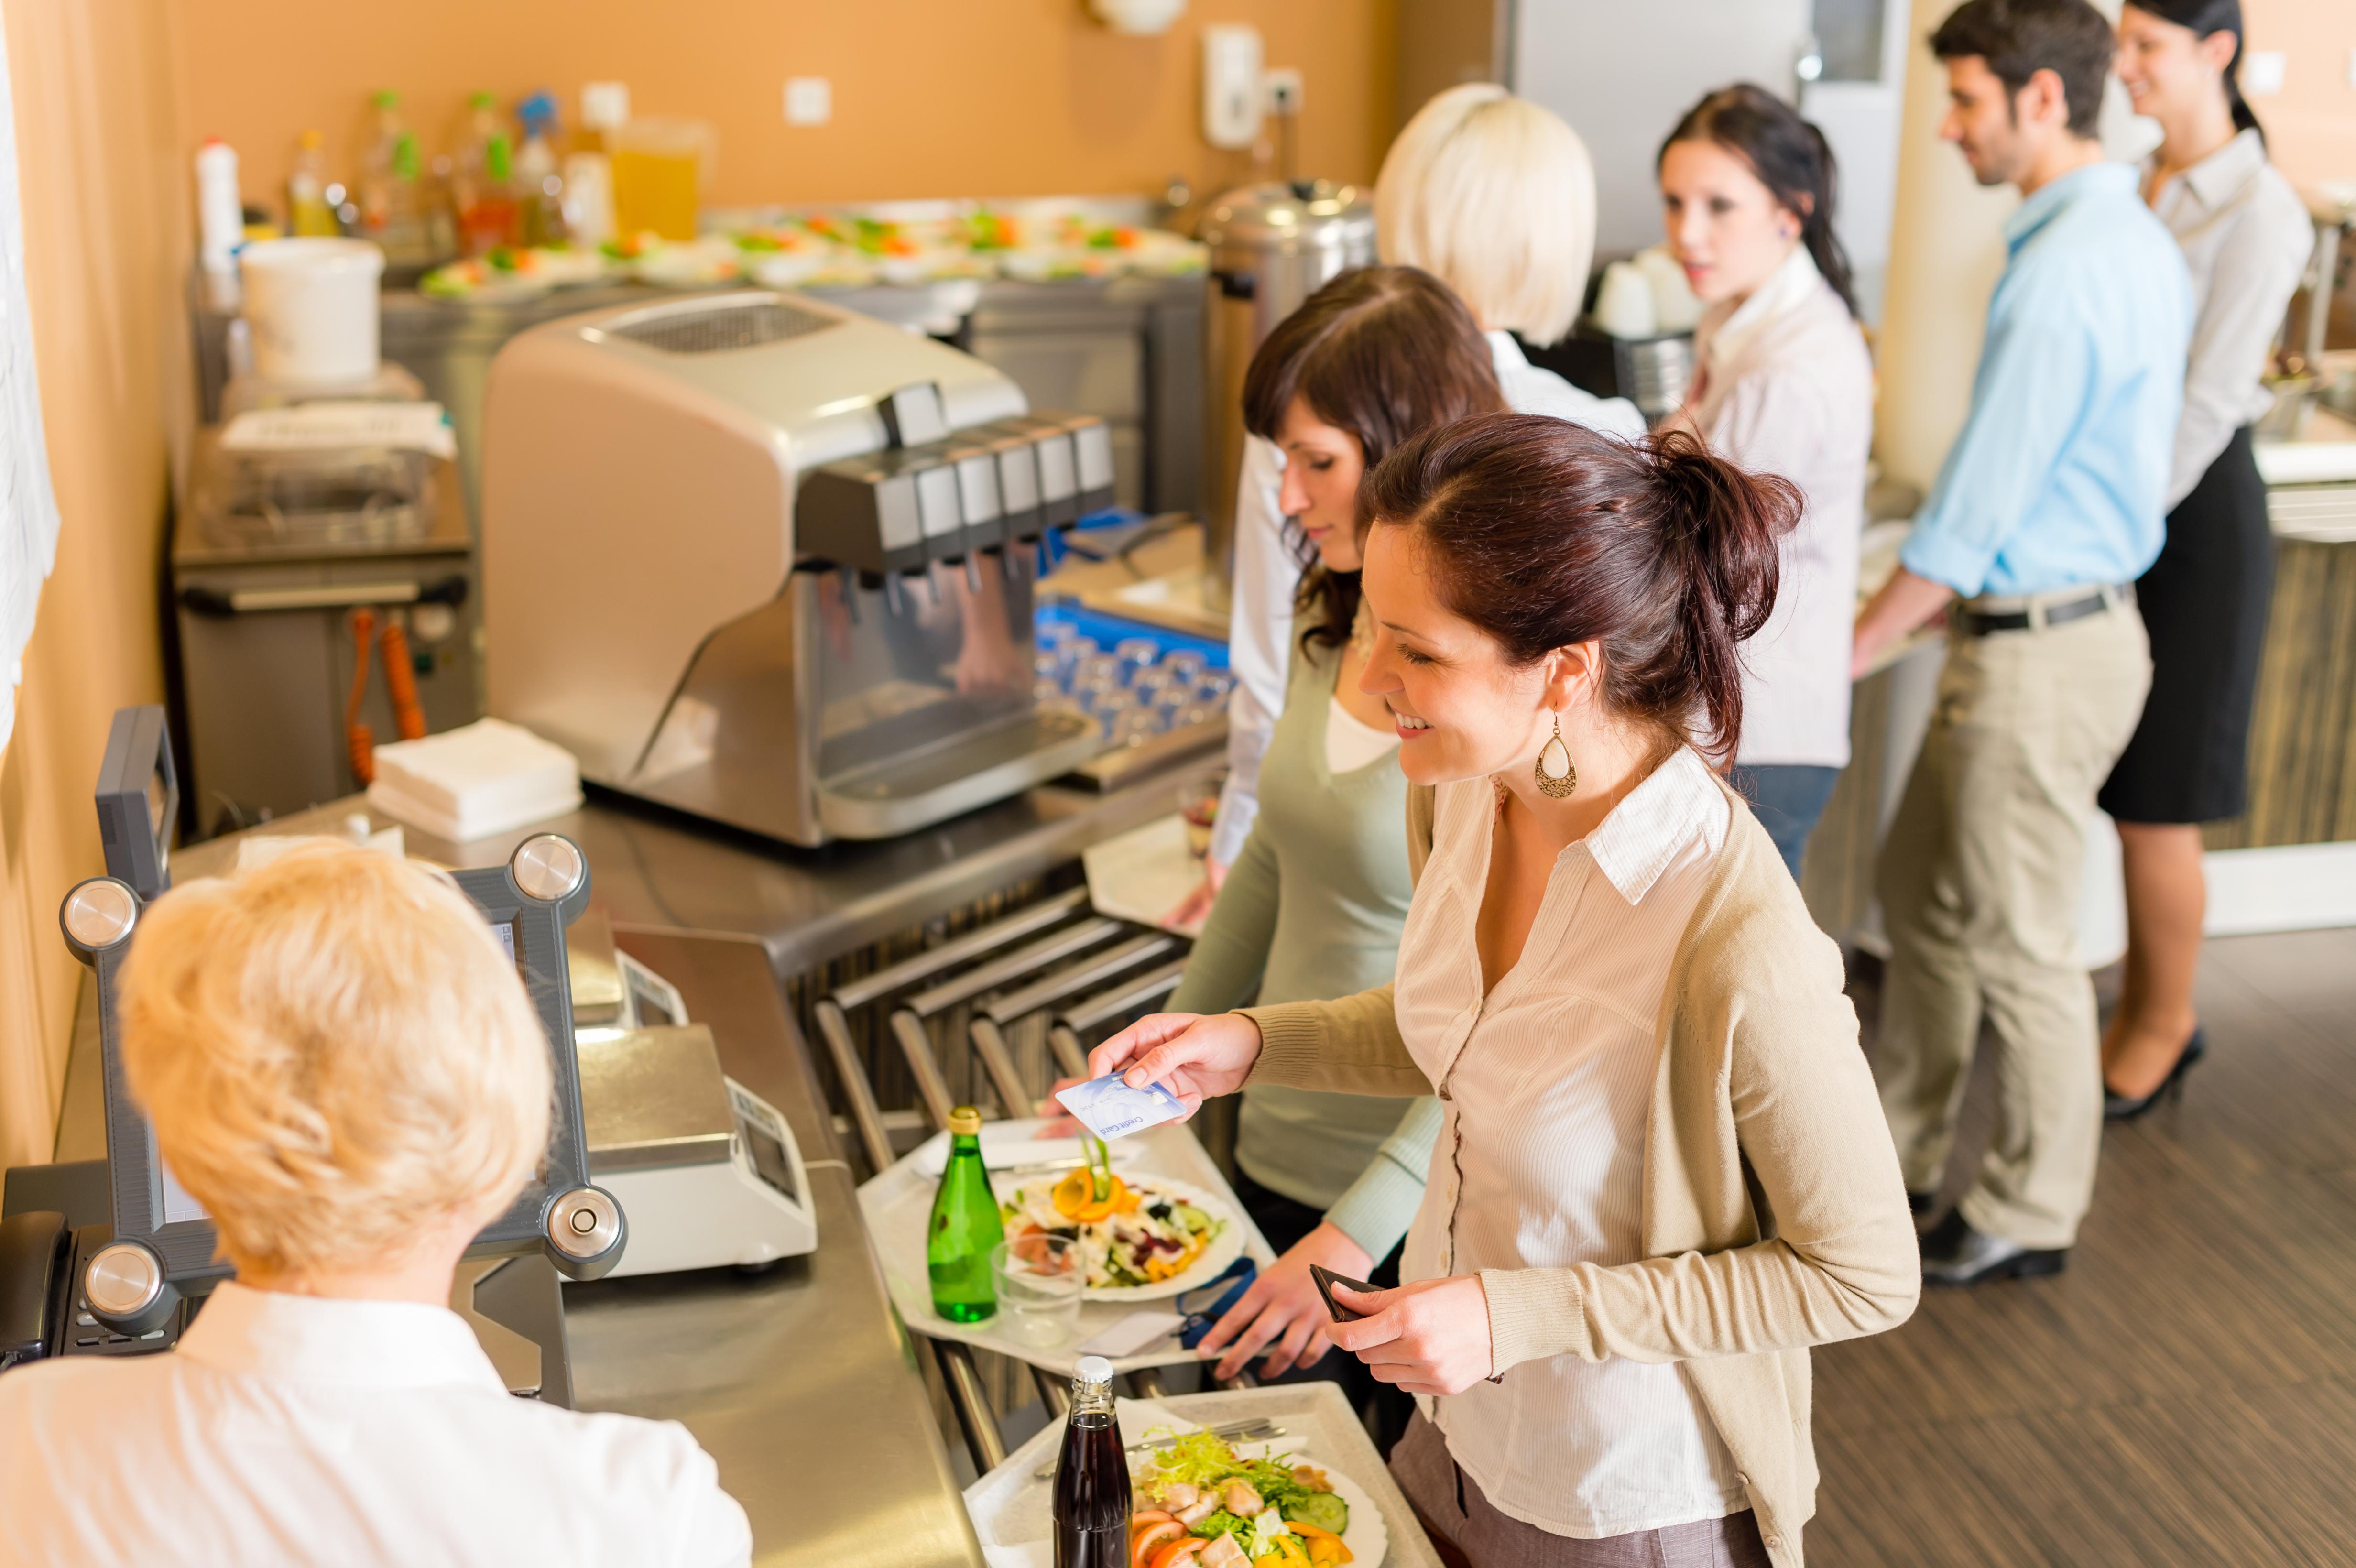 Luncha och fika gemensamt. Snacka gärna om annat än jobb!